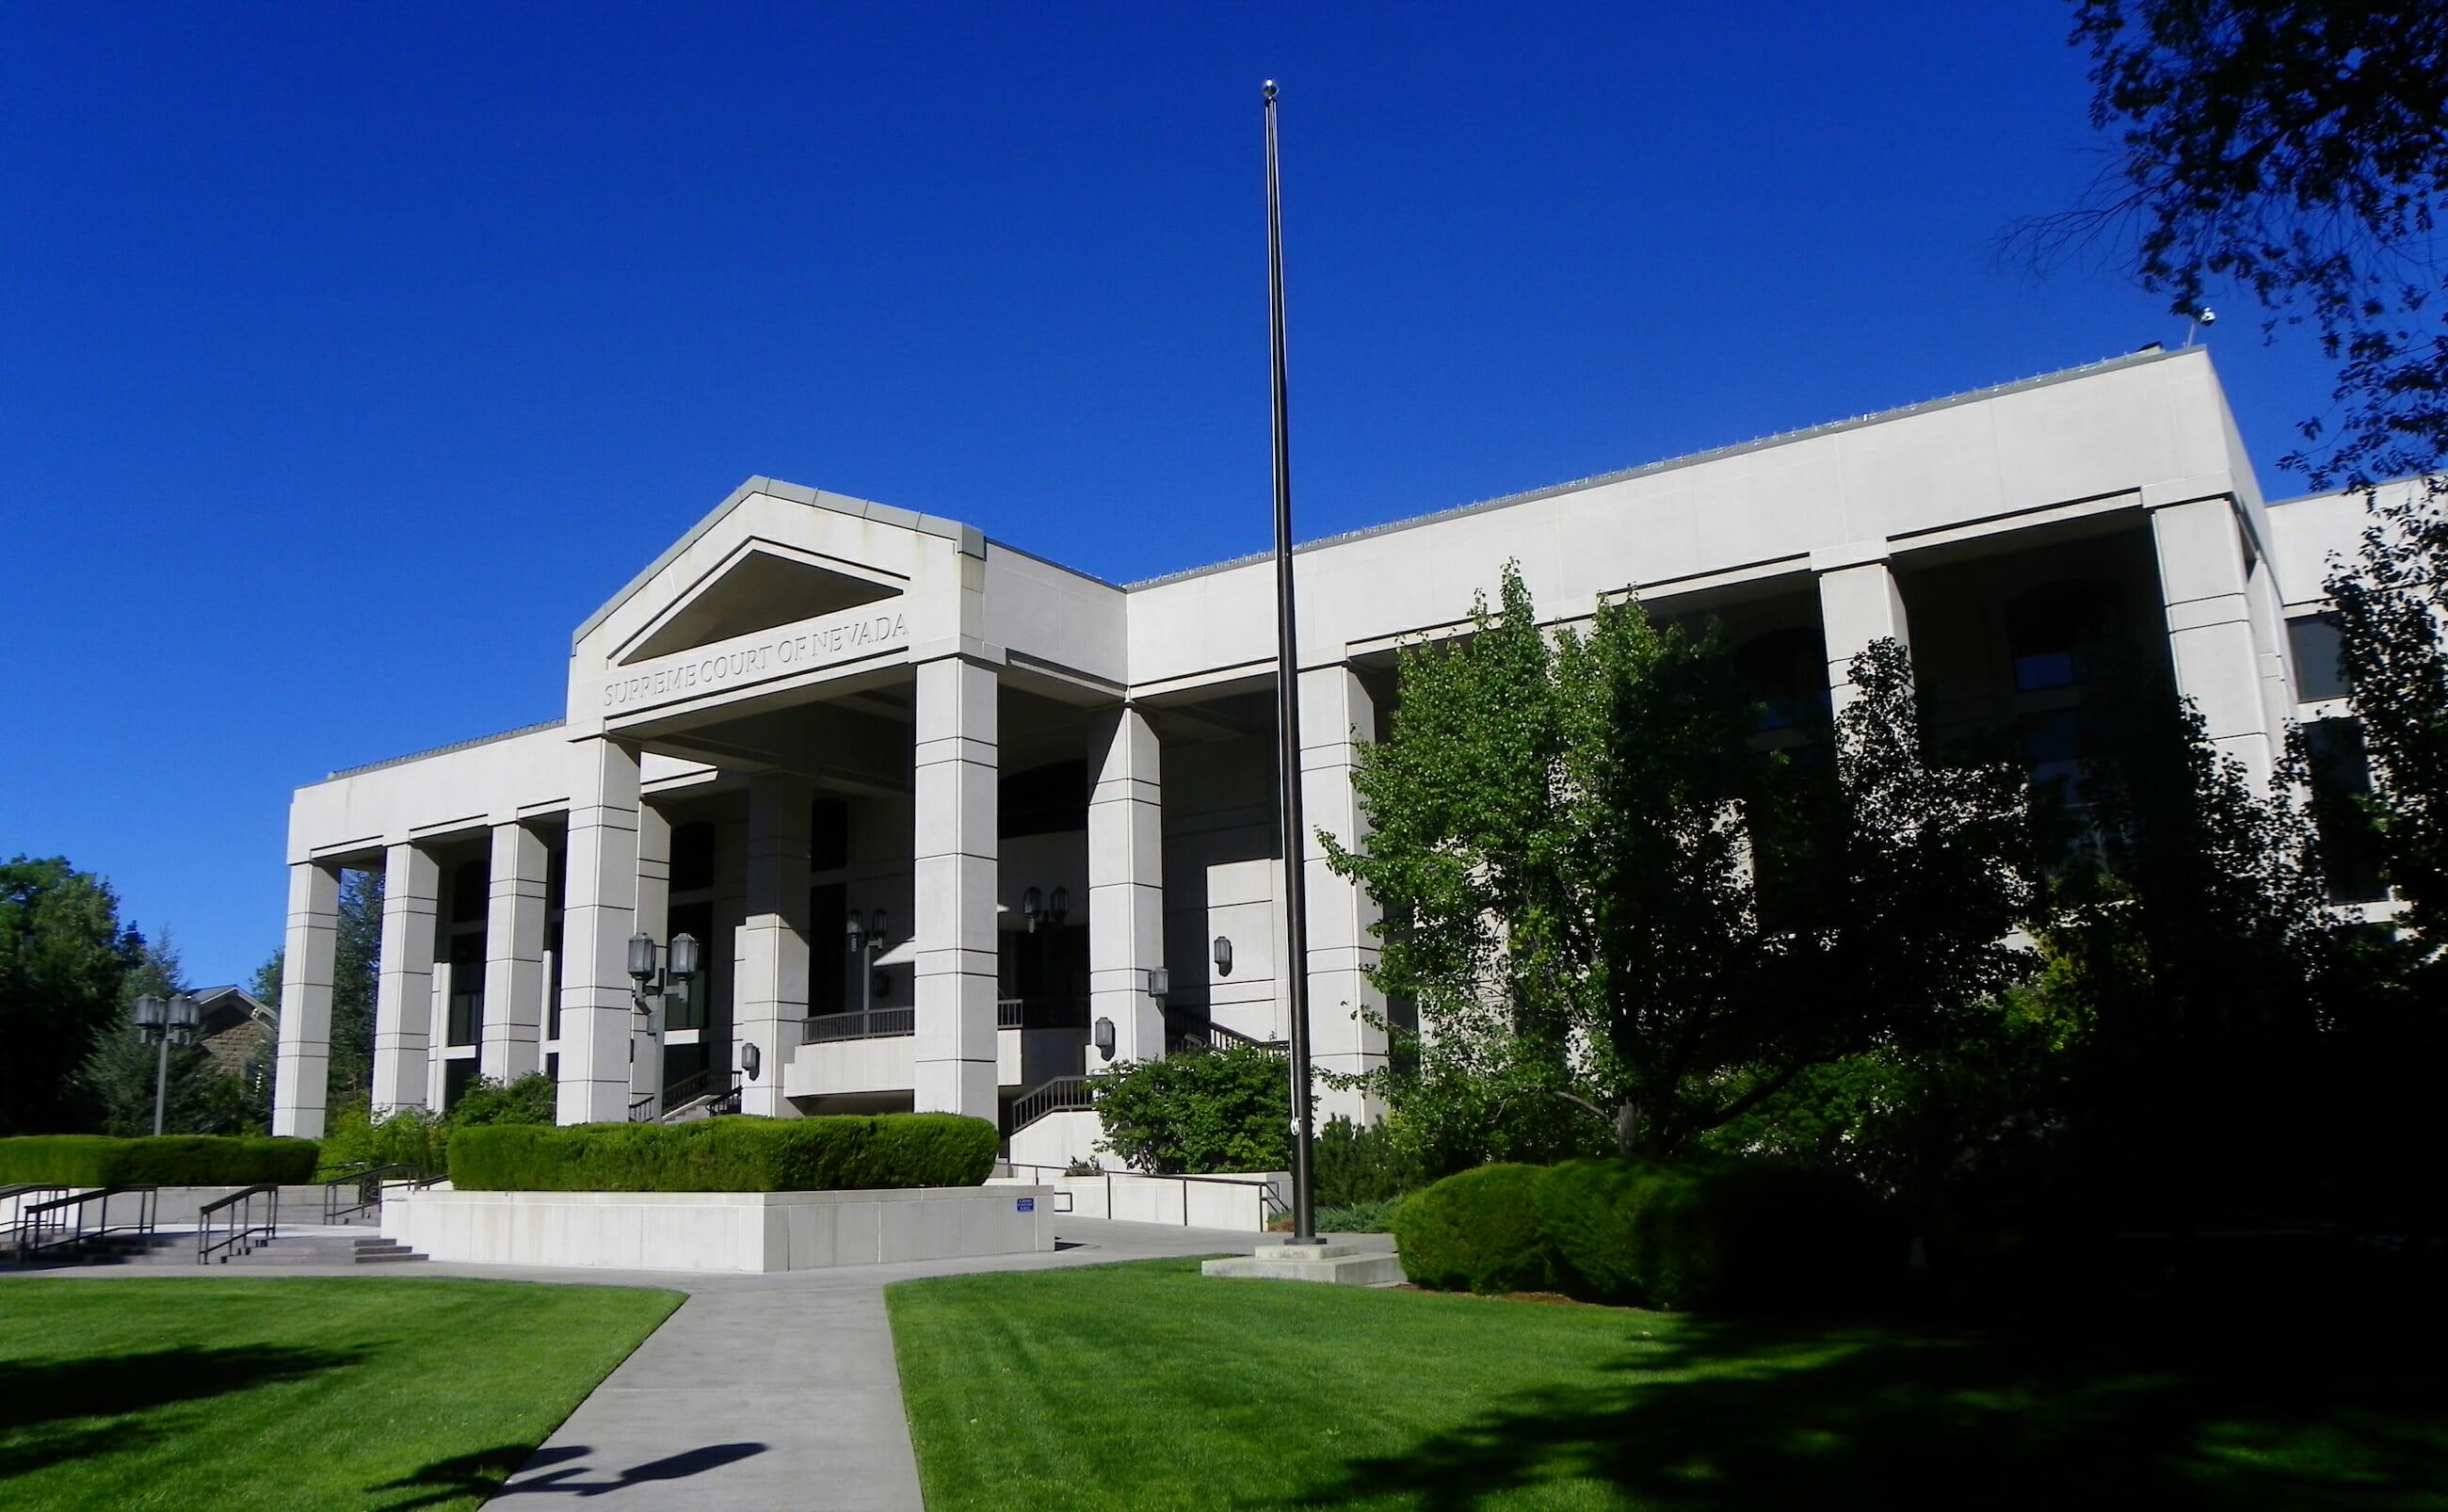 Nevada Supreme Court building in Carson City